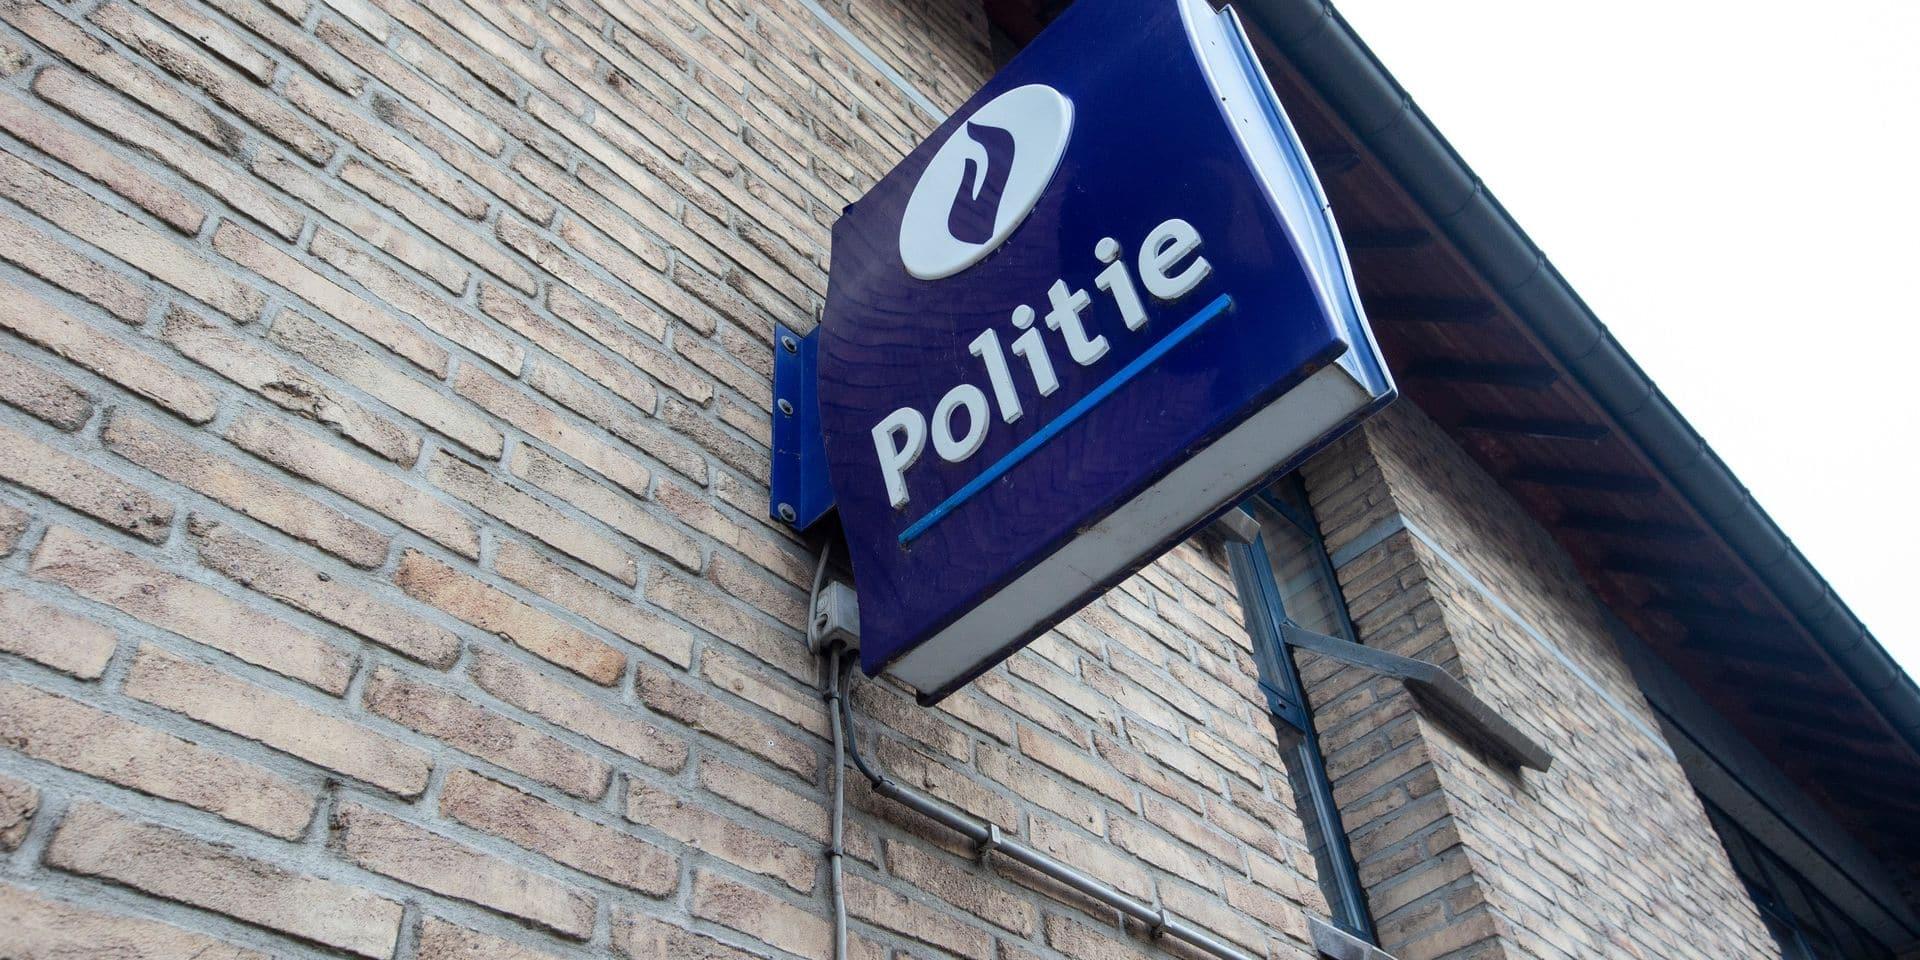 La police met un terme à deux fêtes clandestines à Beringen et Hasselt